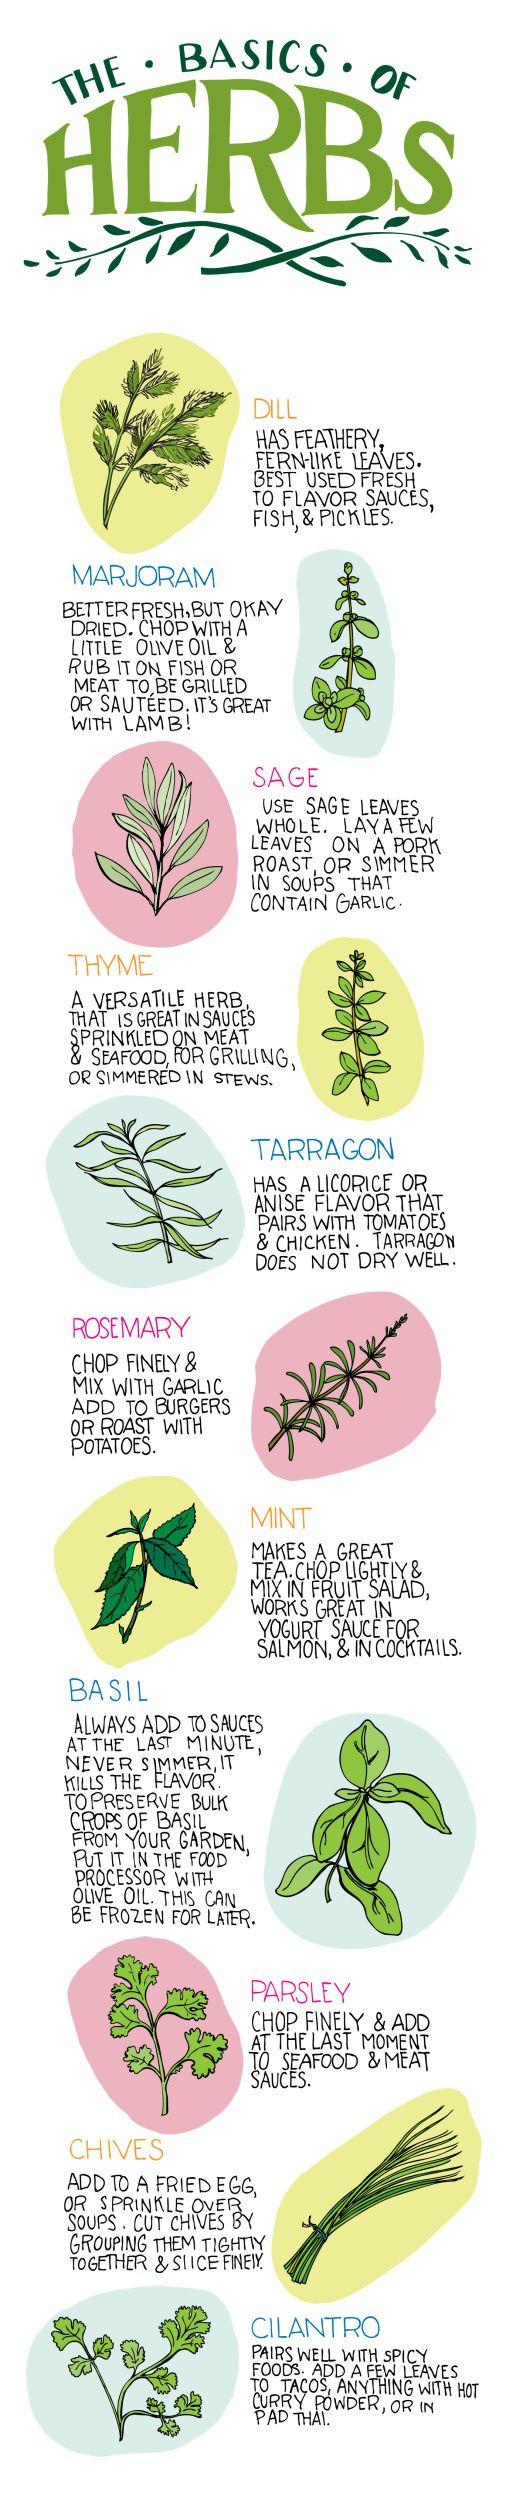 best of the web: DIY indoor herb garden ideas